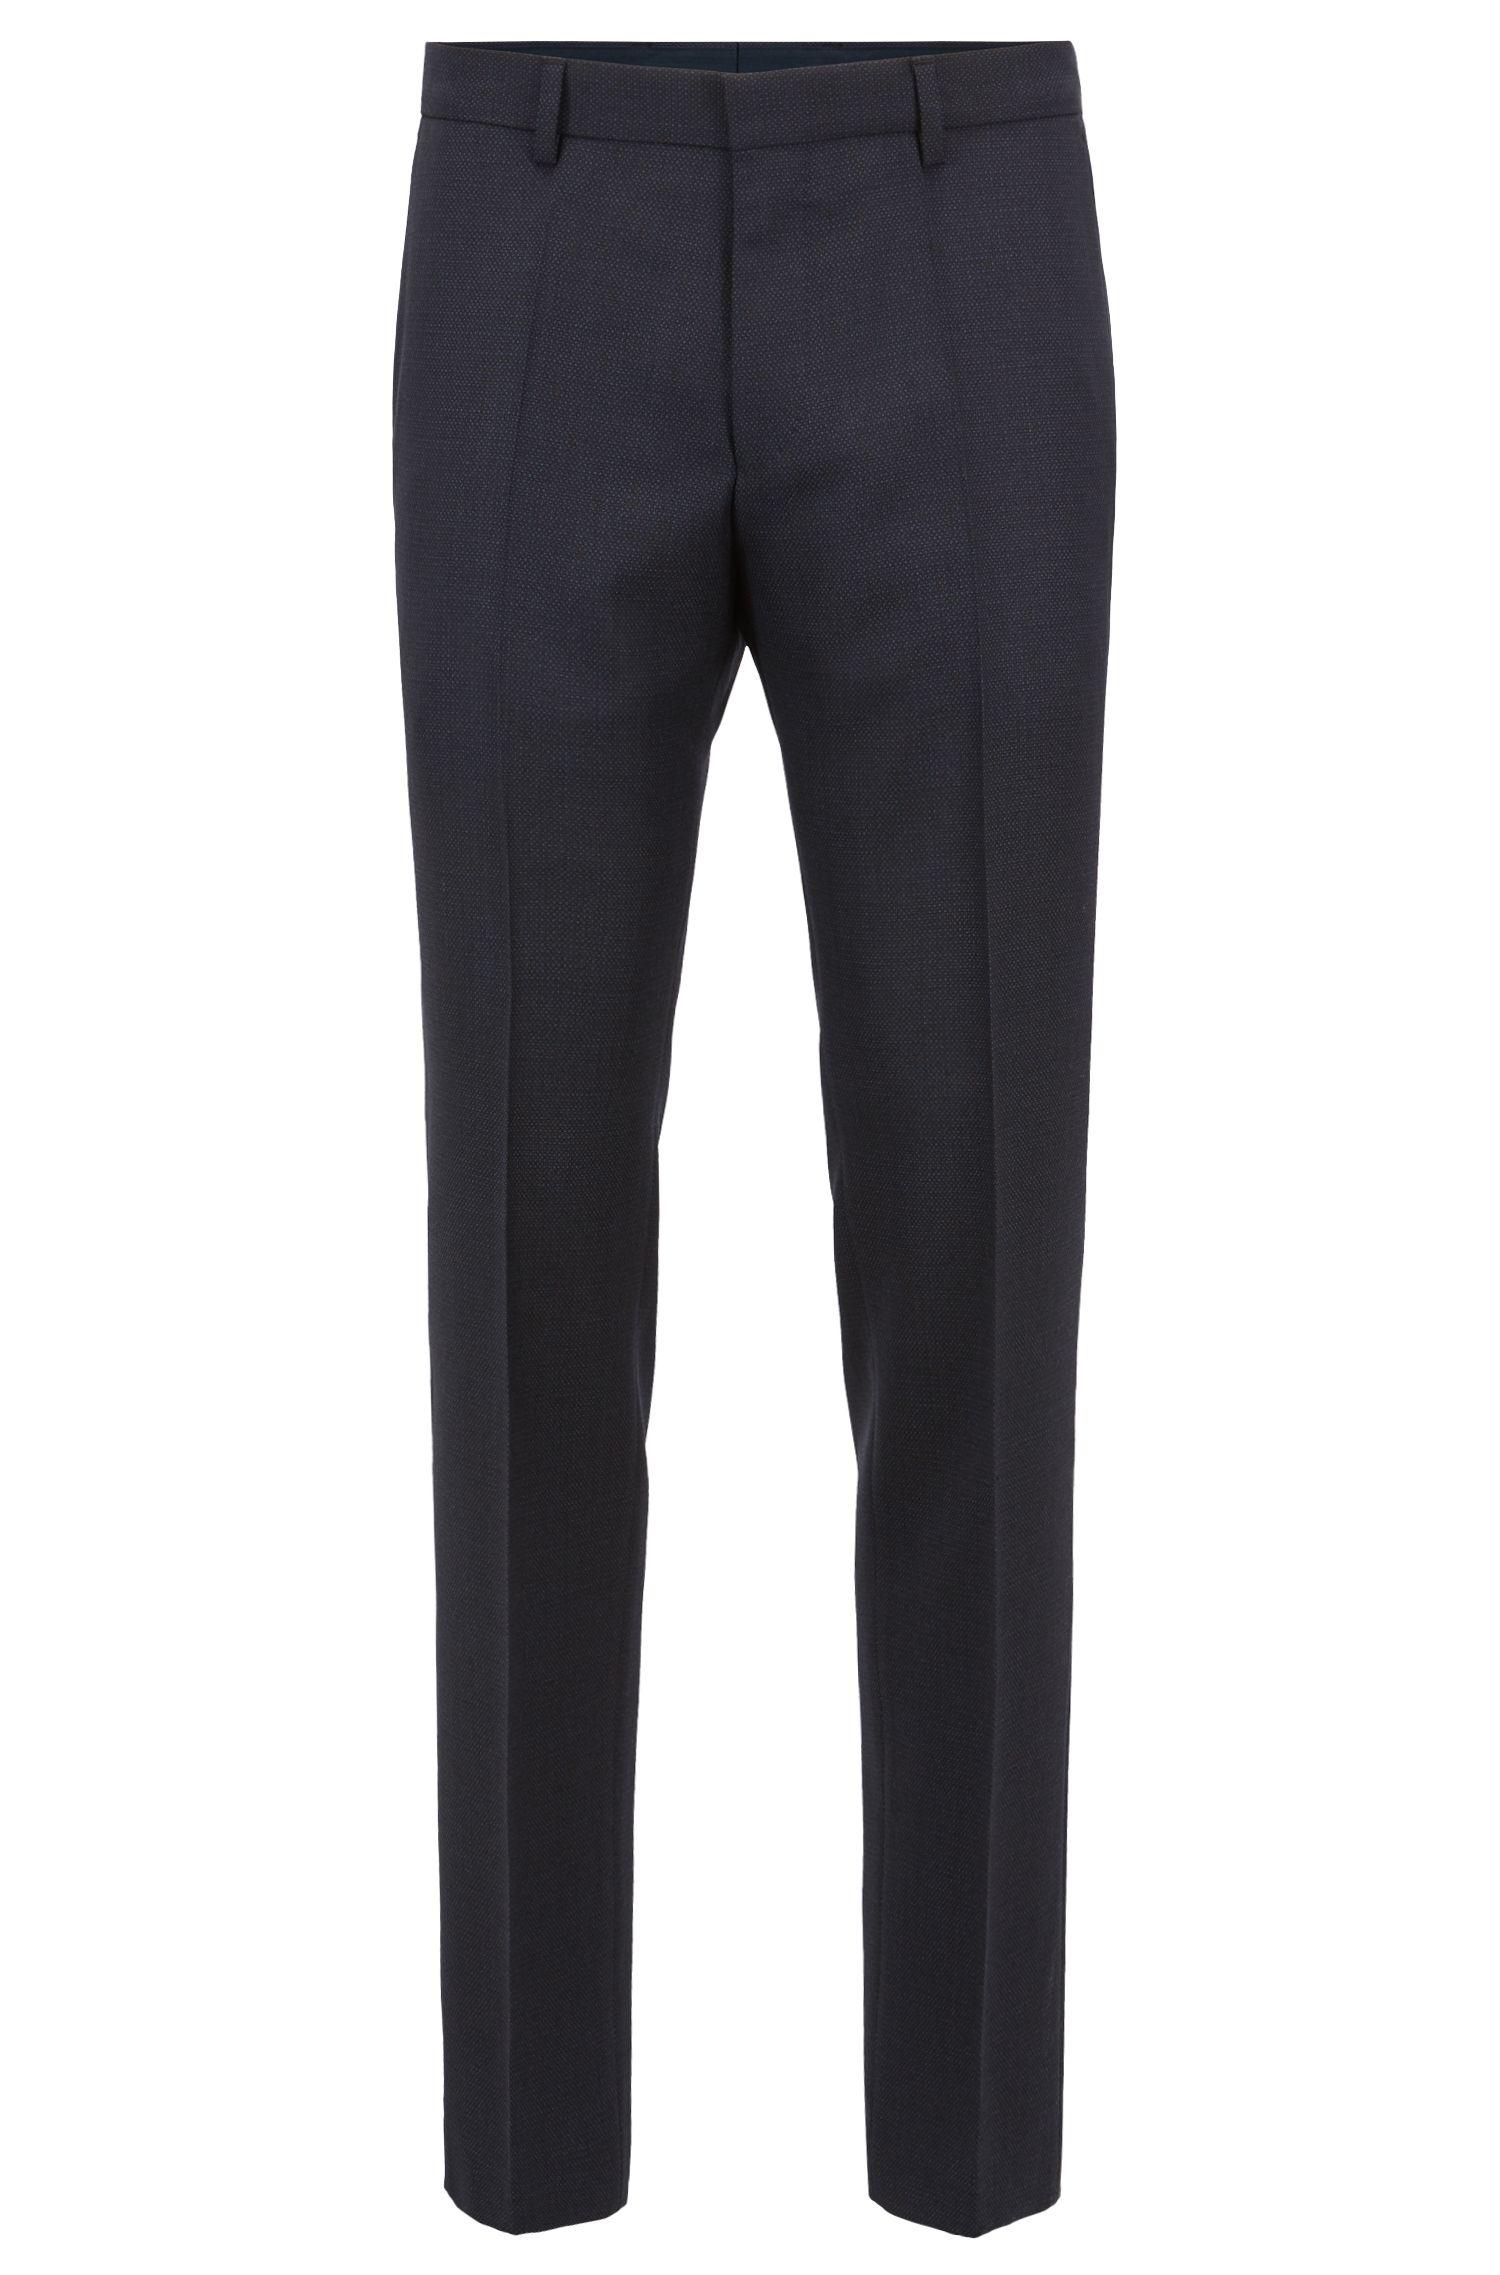 Slim-fit pants in patterned virgin wool